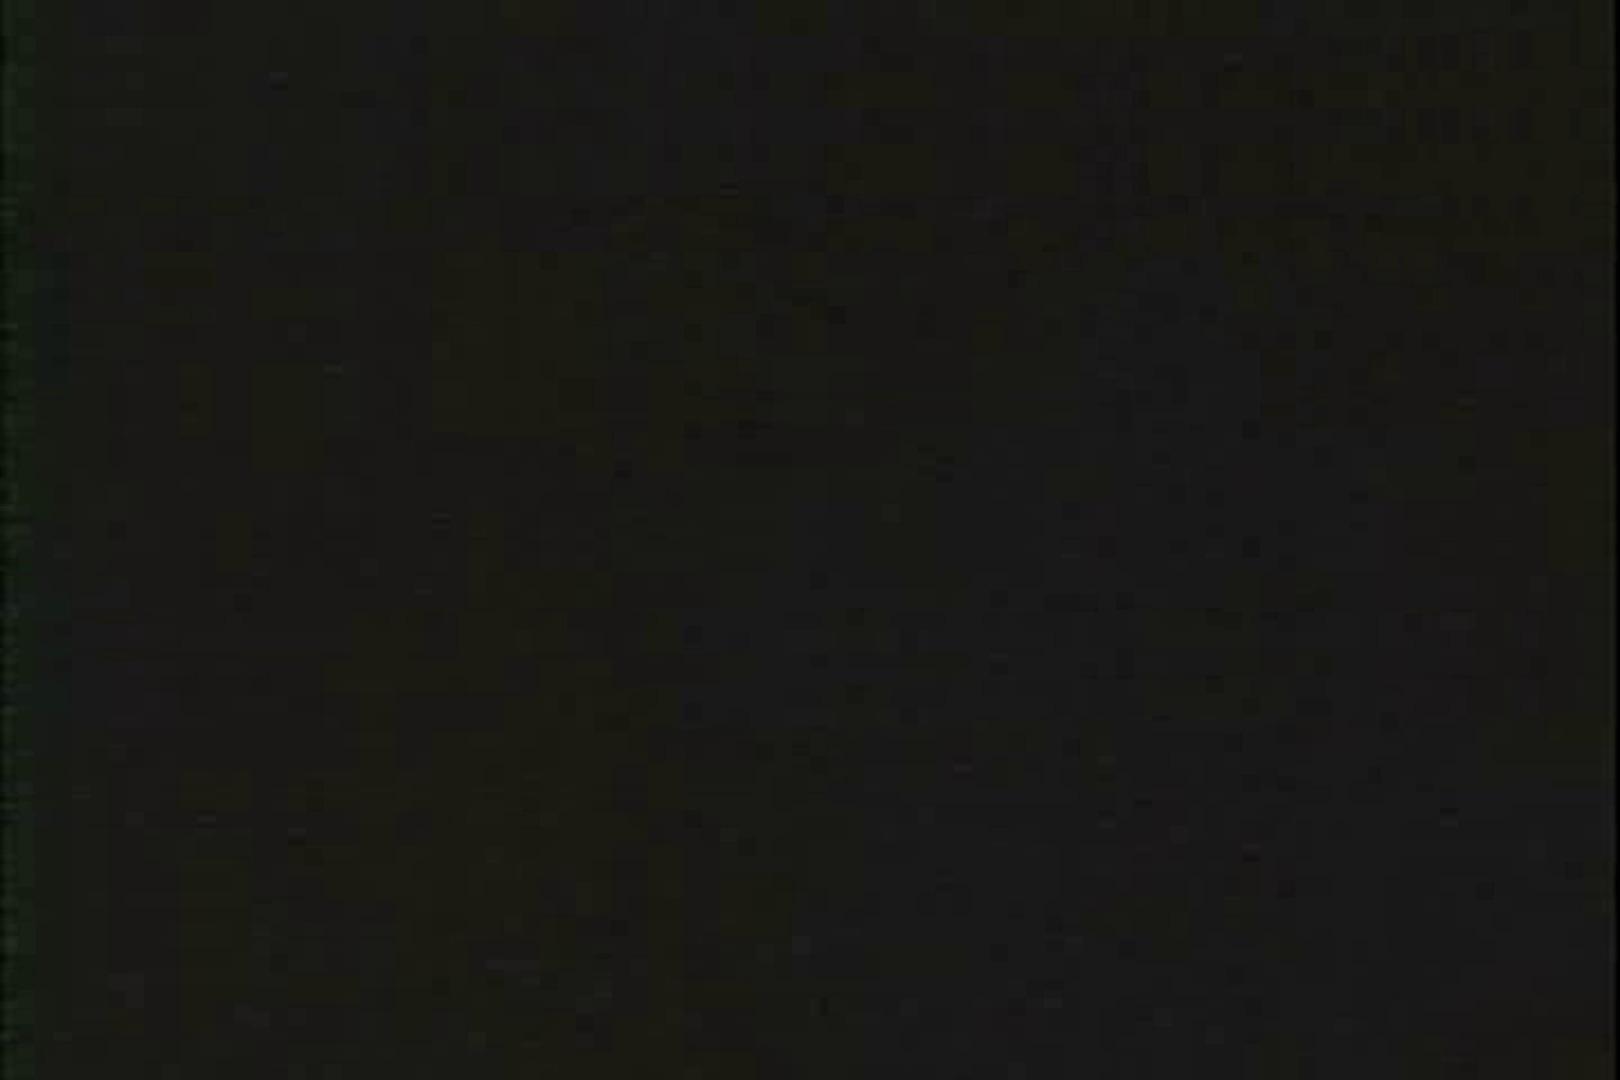 「ちくりん」さんのオリジナル未編集パンチラVol.6_01 新入生パンチラ | ミニスカート  95pic 1